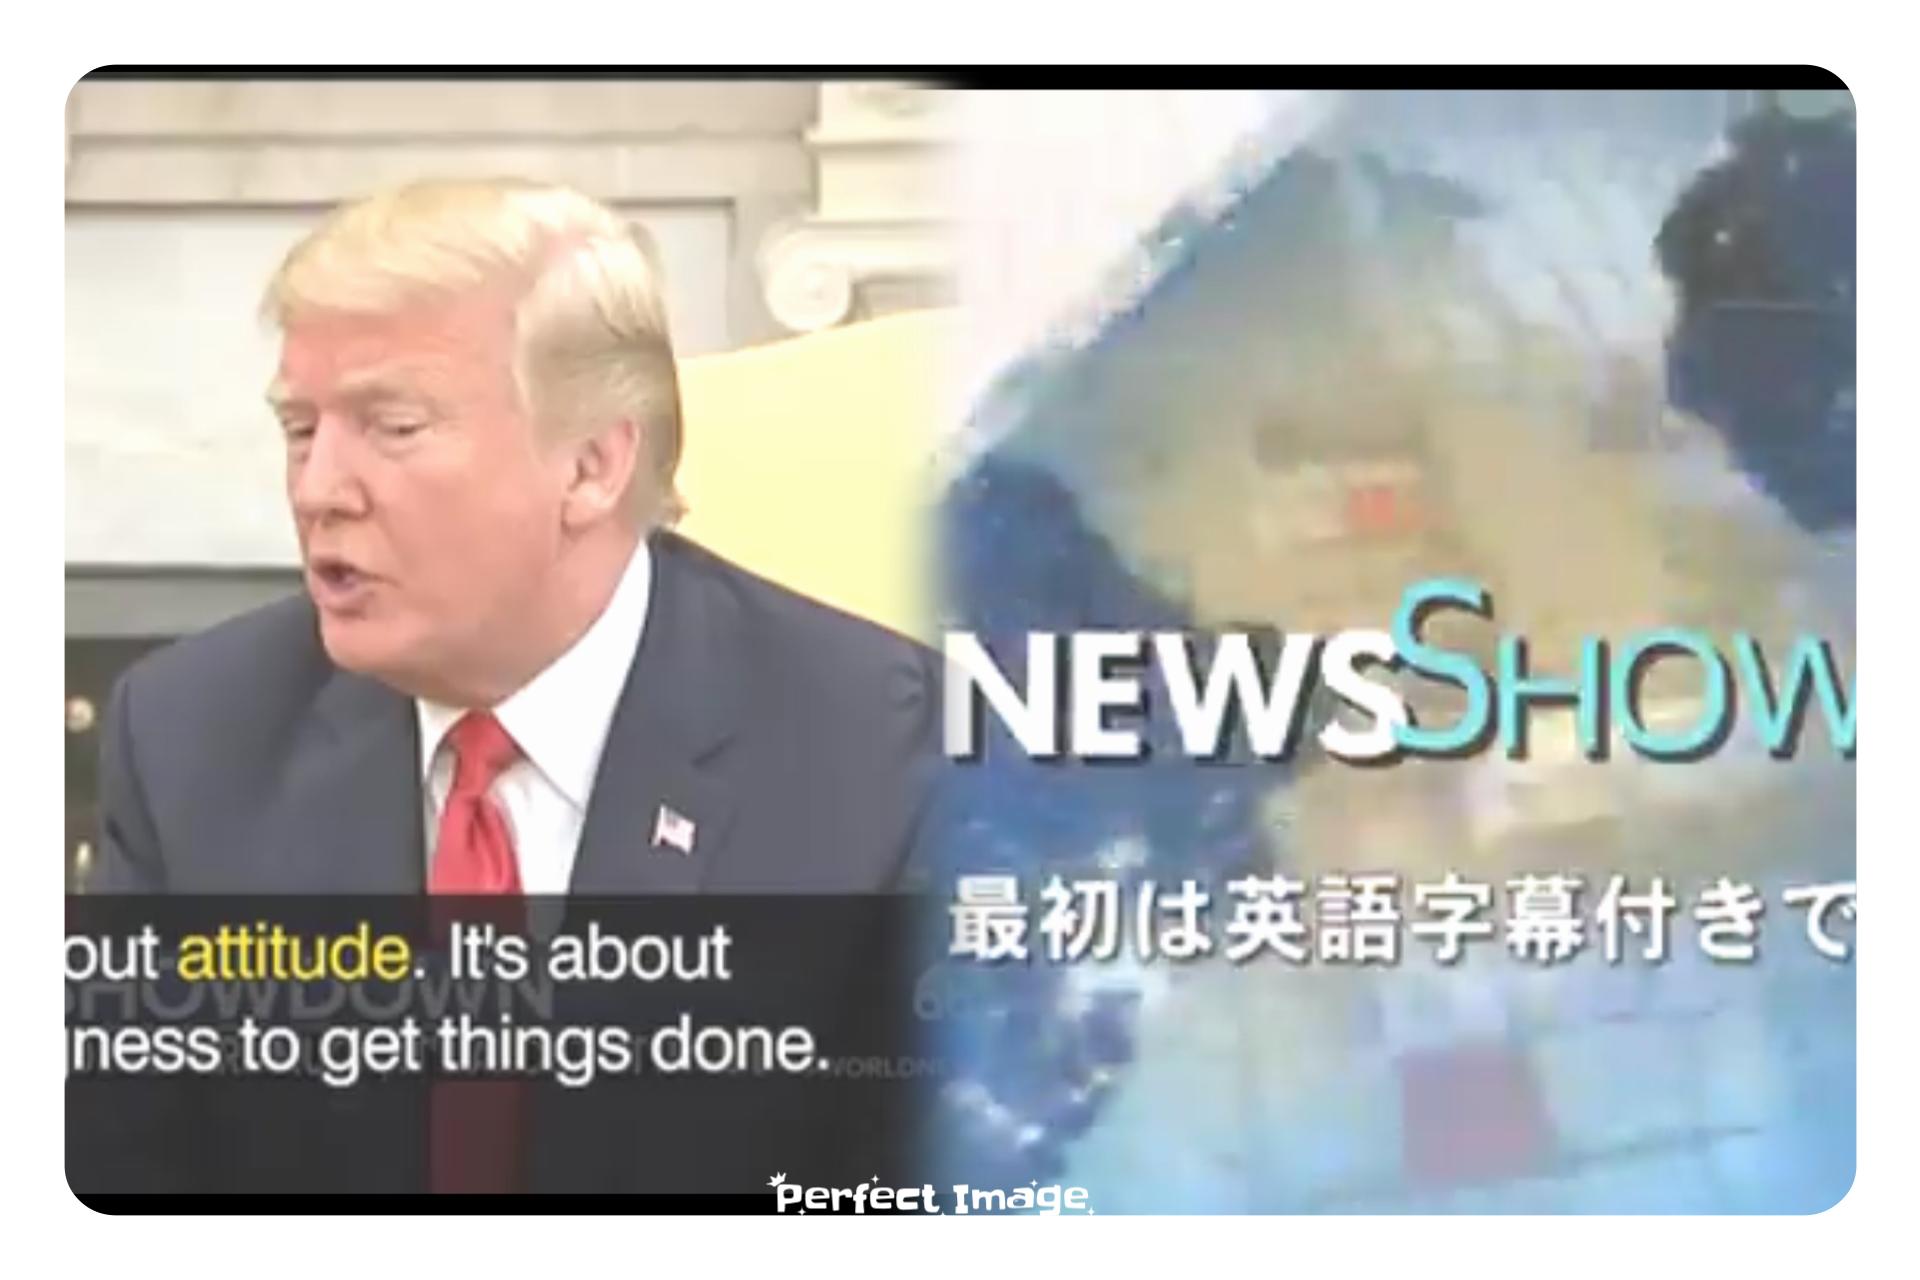 トランプ大統領ニュースから学ぶ英会話